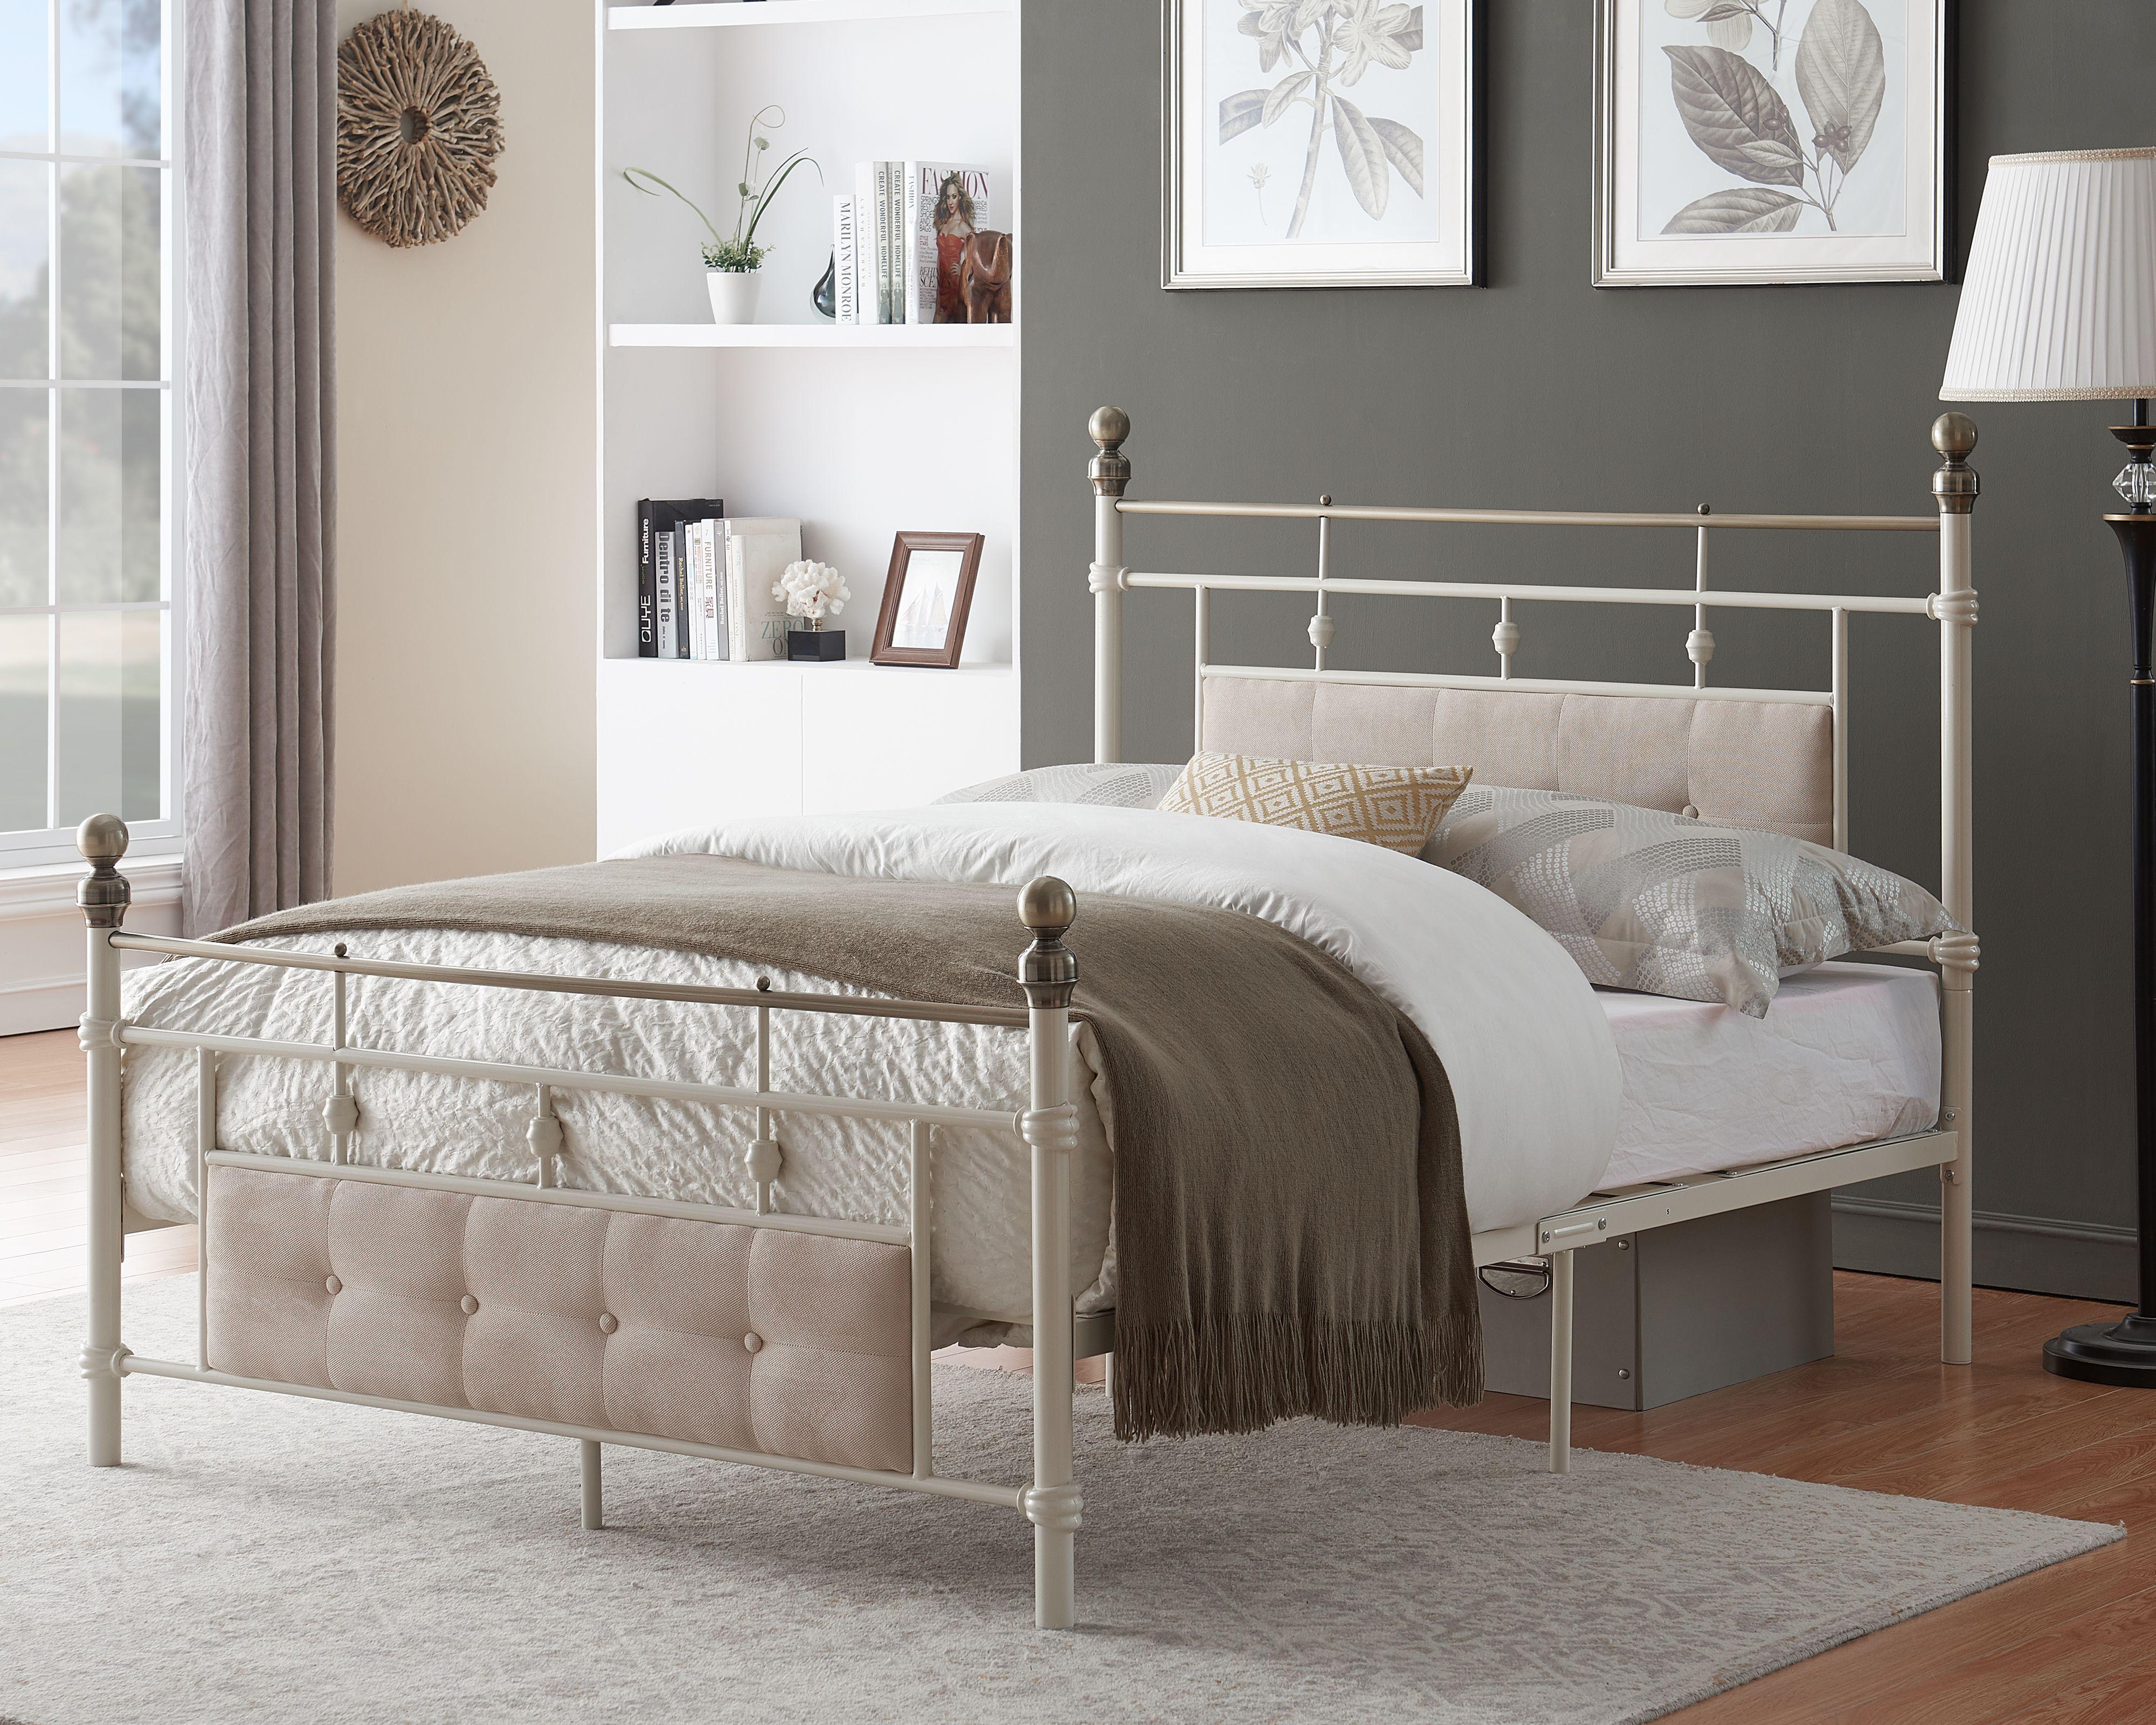 Metal Bed Frame Platform Bed with Upholstered Headboard